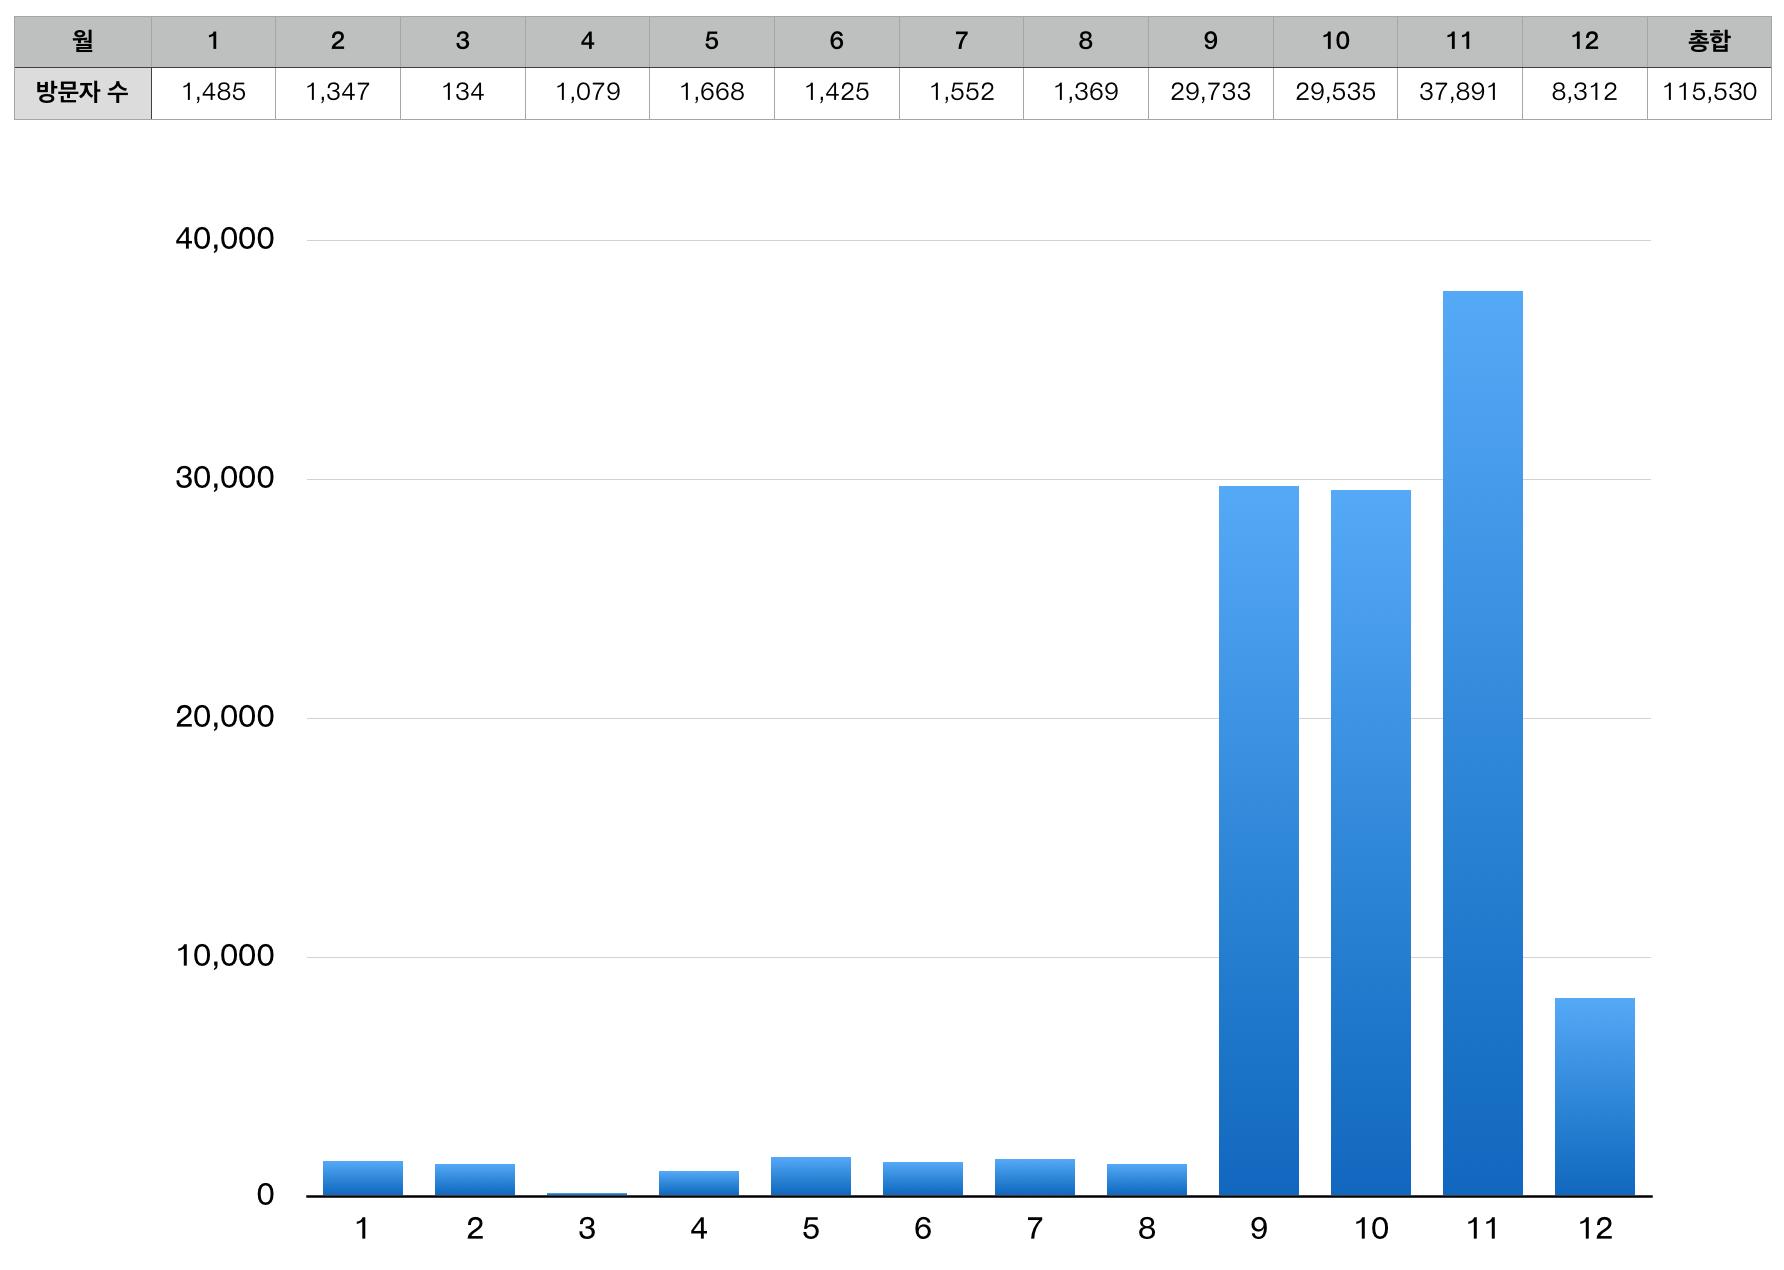 스크린샷 2013-12-31 23.57.26